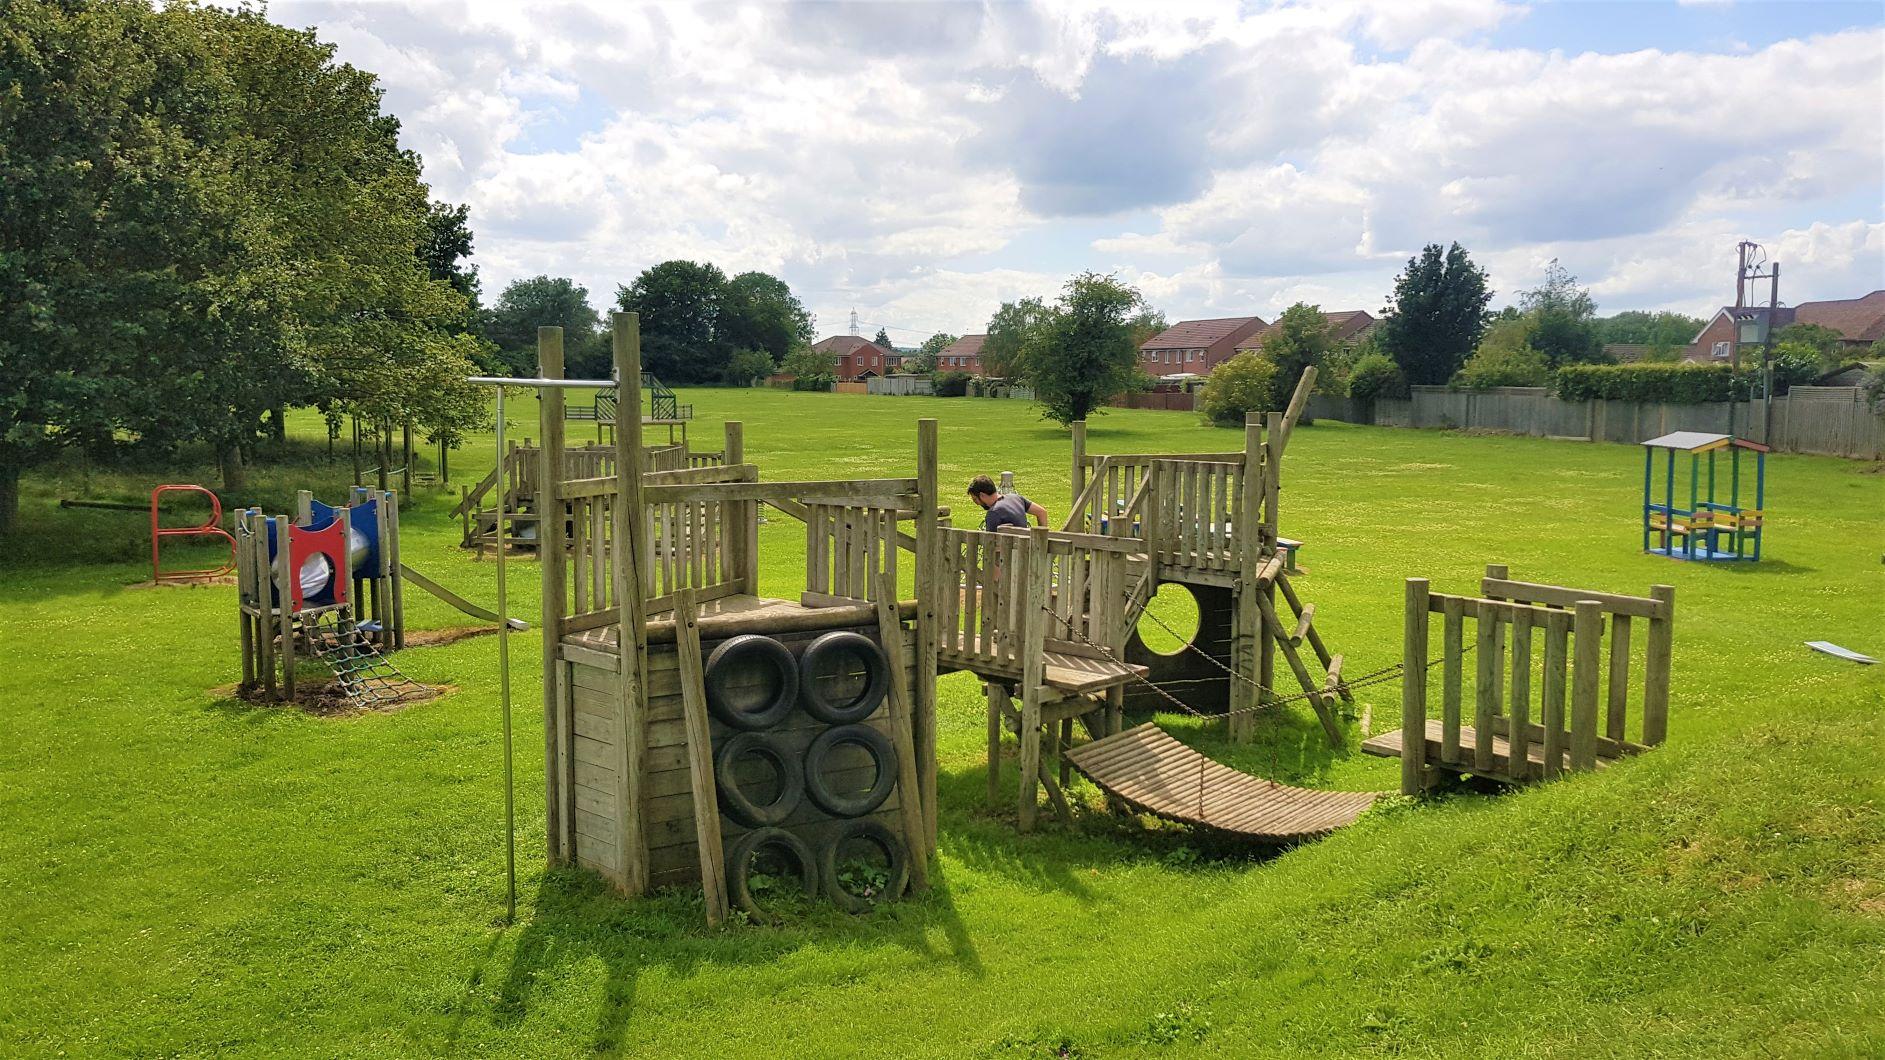 South Moreton Play park